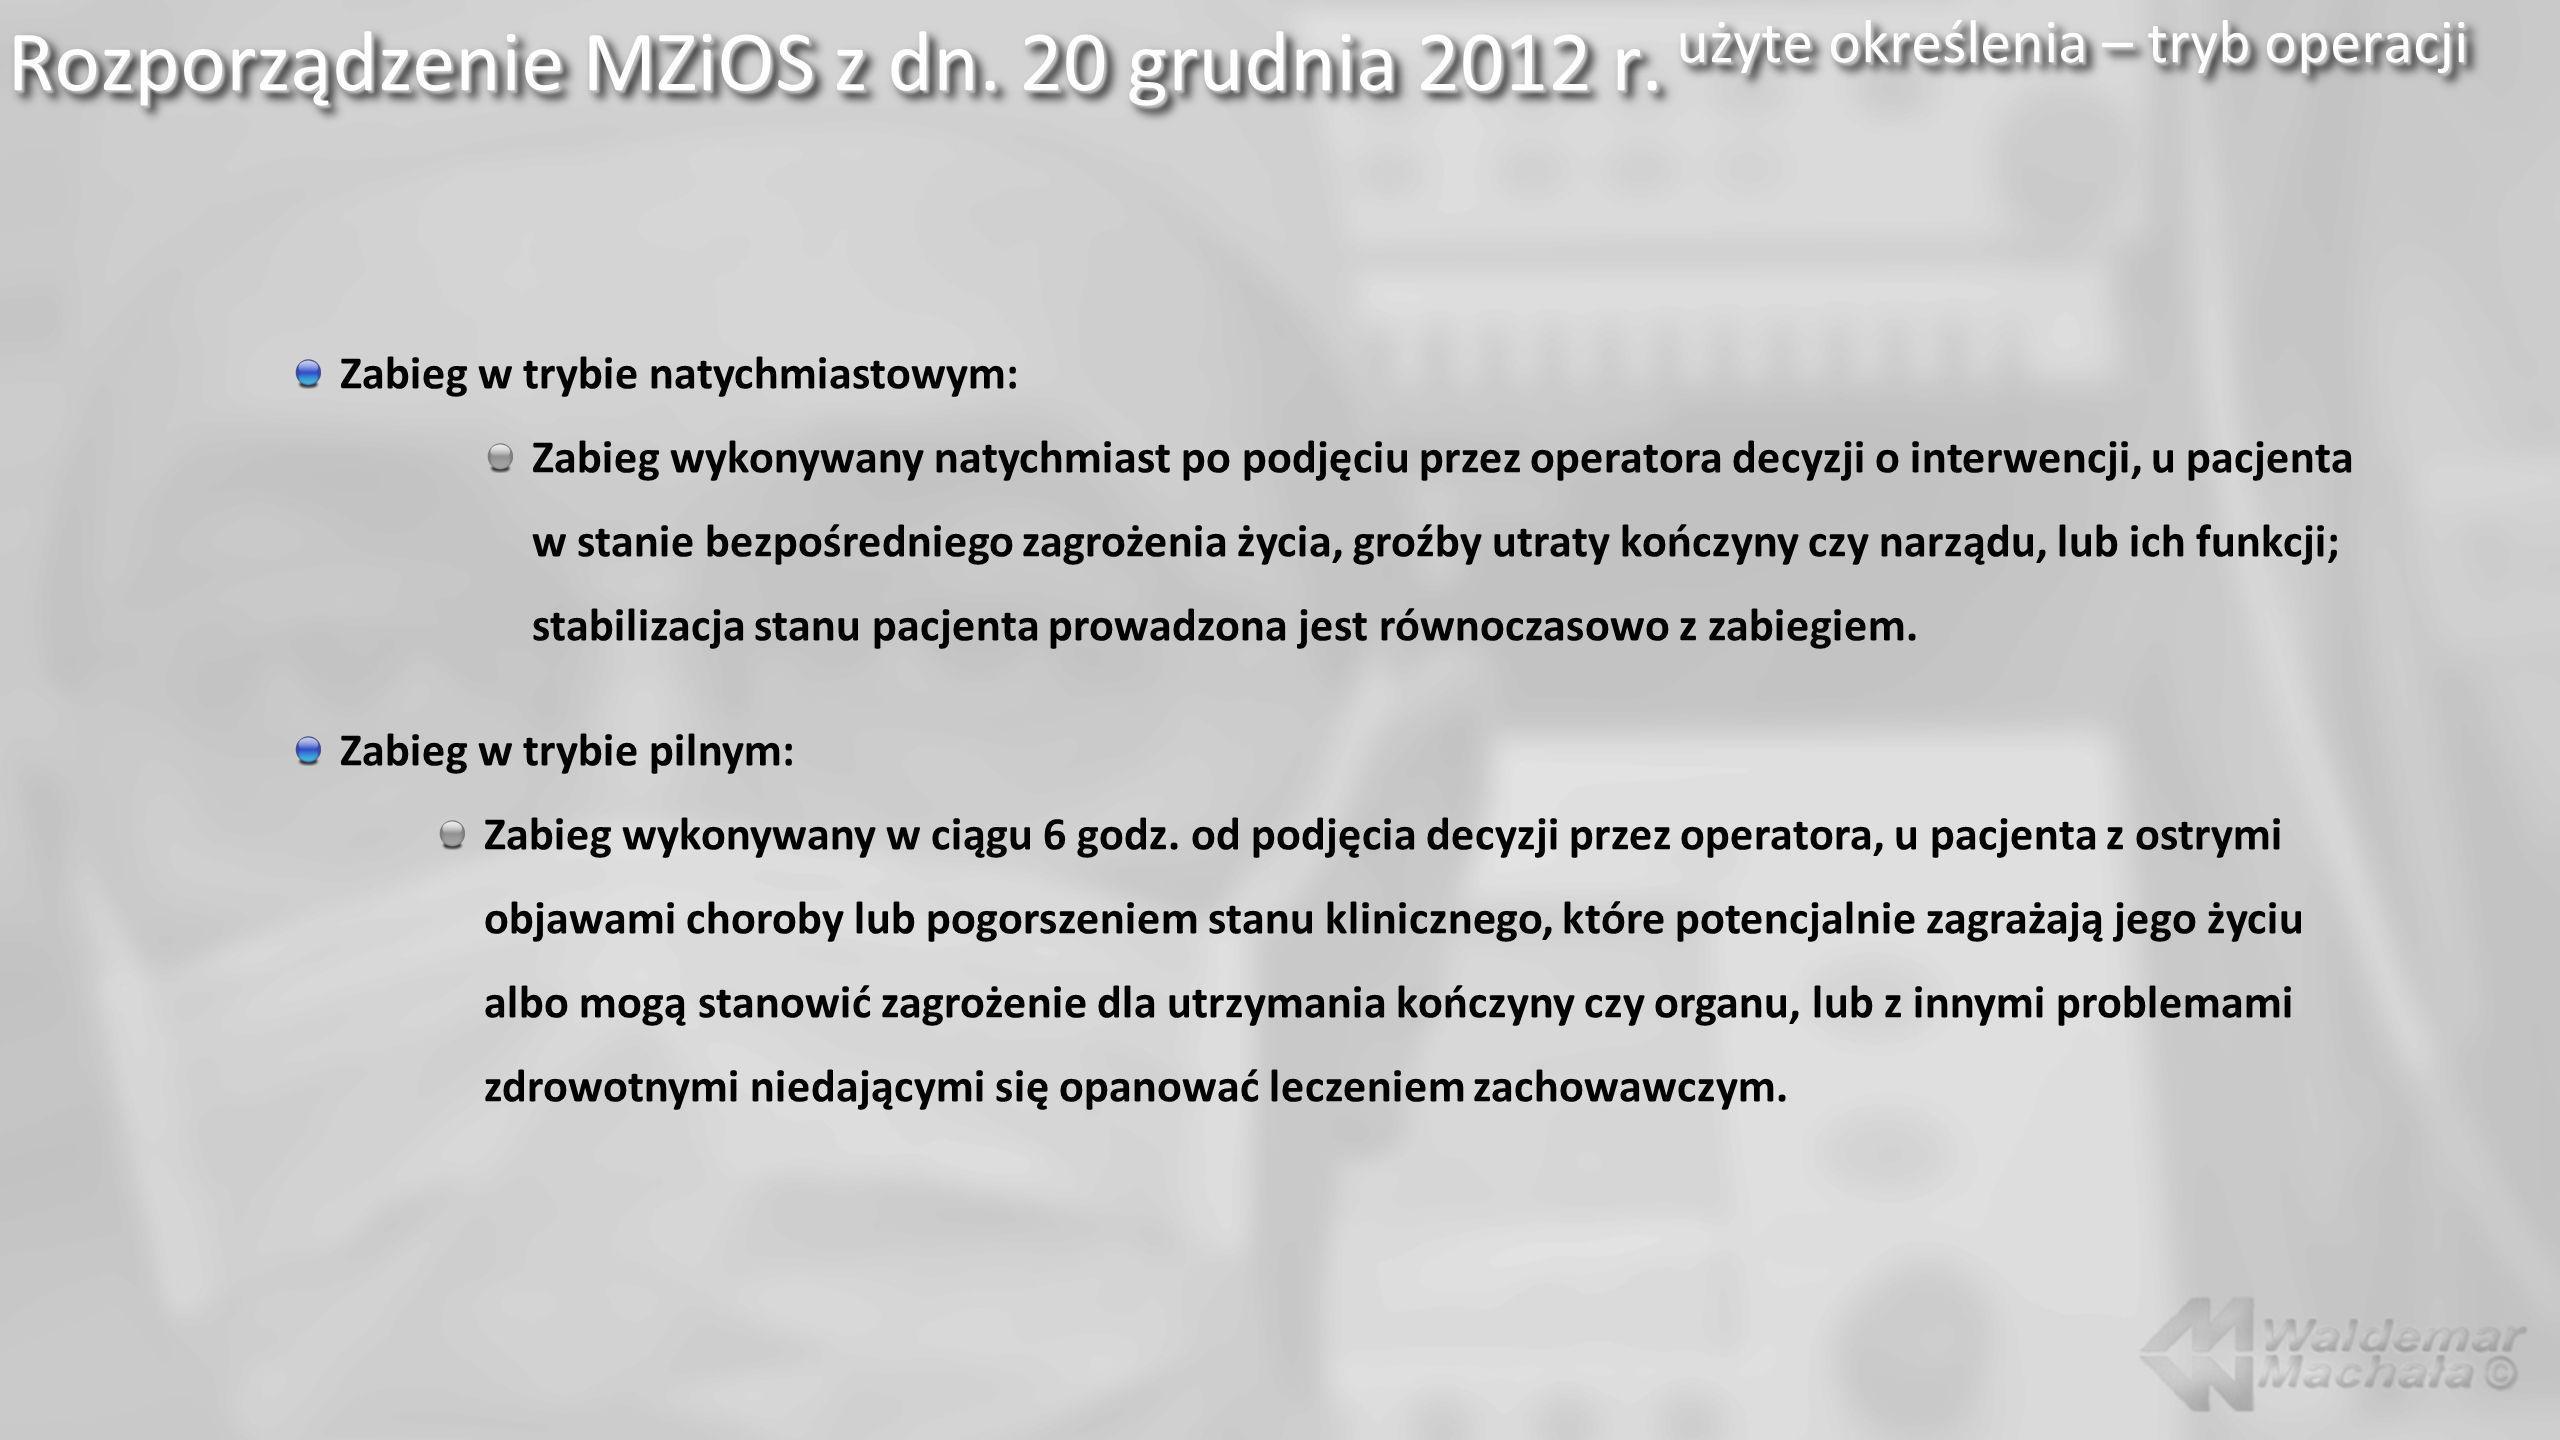 Rozporządzenie MZiOS z dn.20 grudnia 2012 r. Cz.